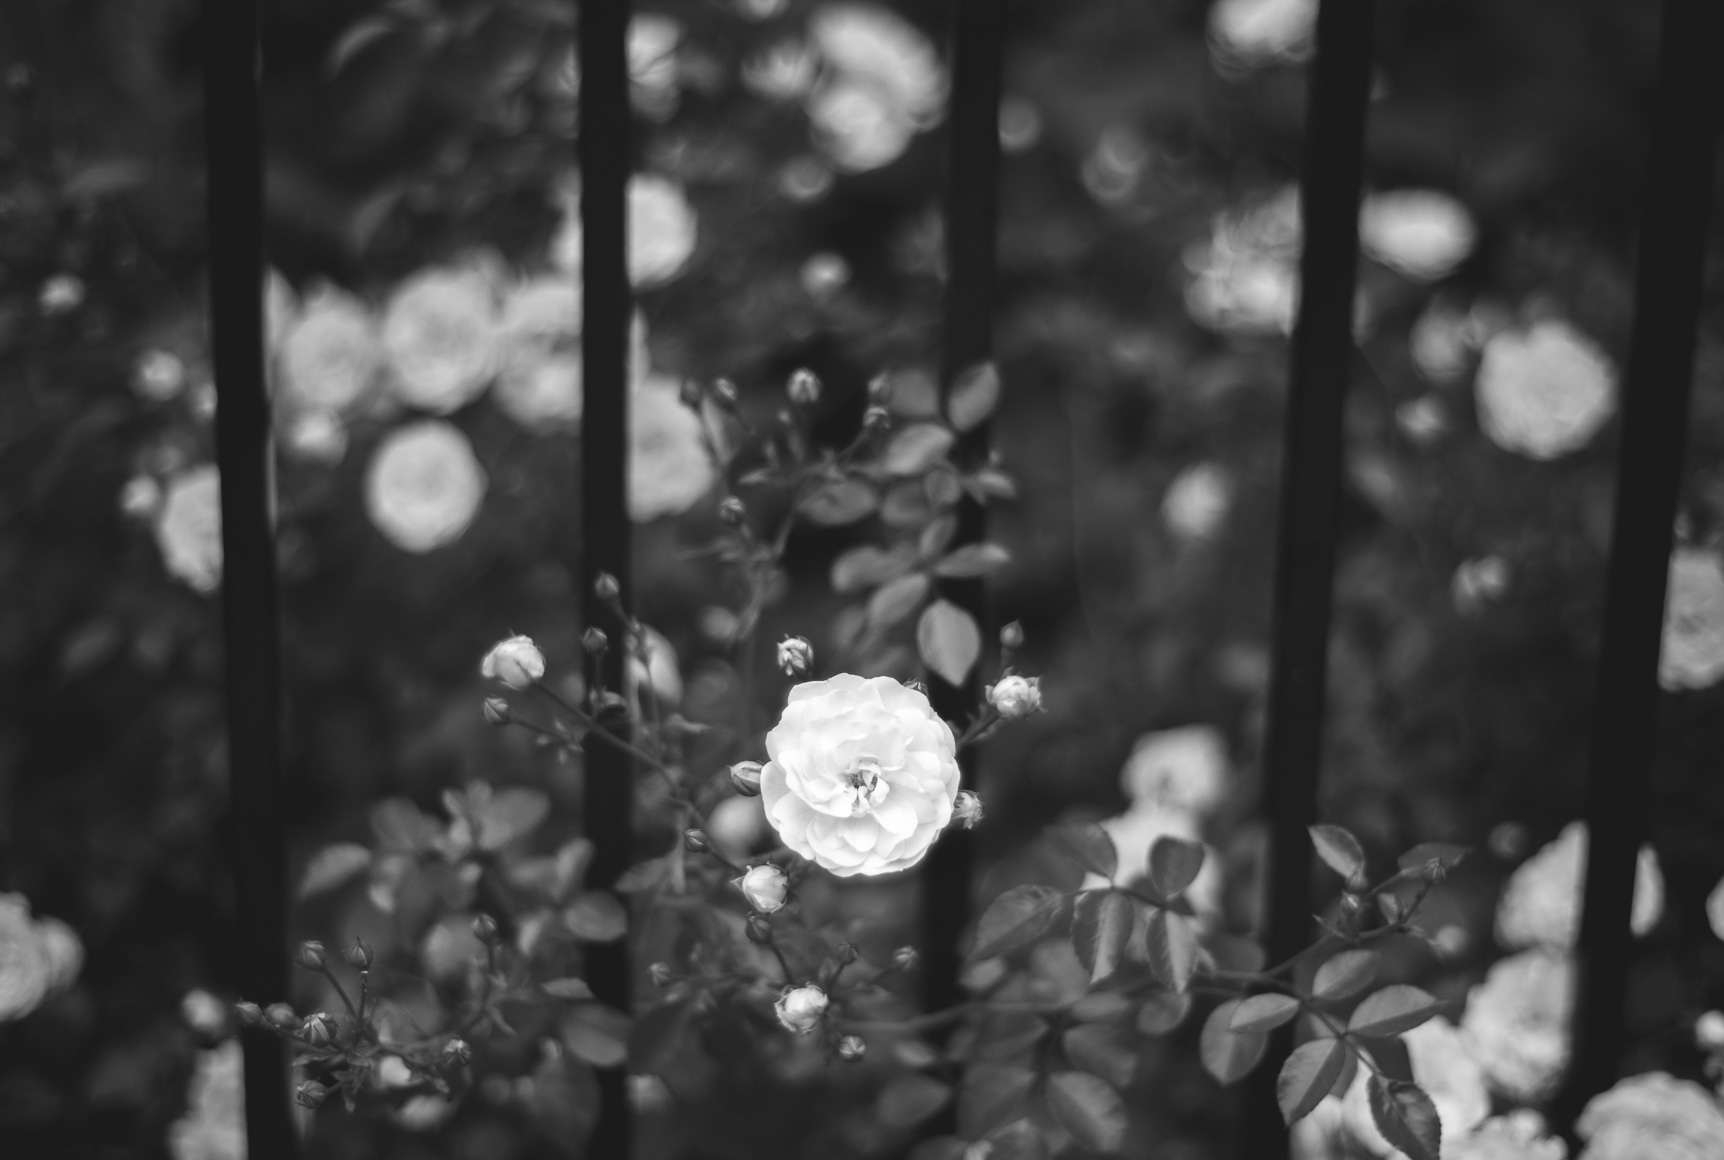 Leica M8.2 | Voigtlander Nokton 40mm f/1.4